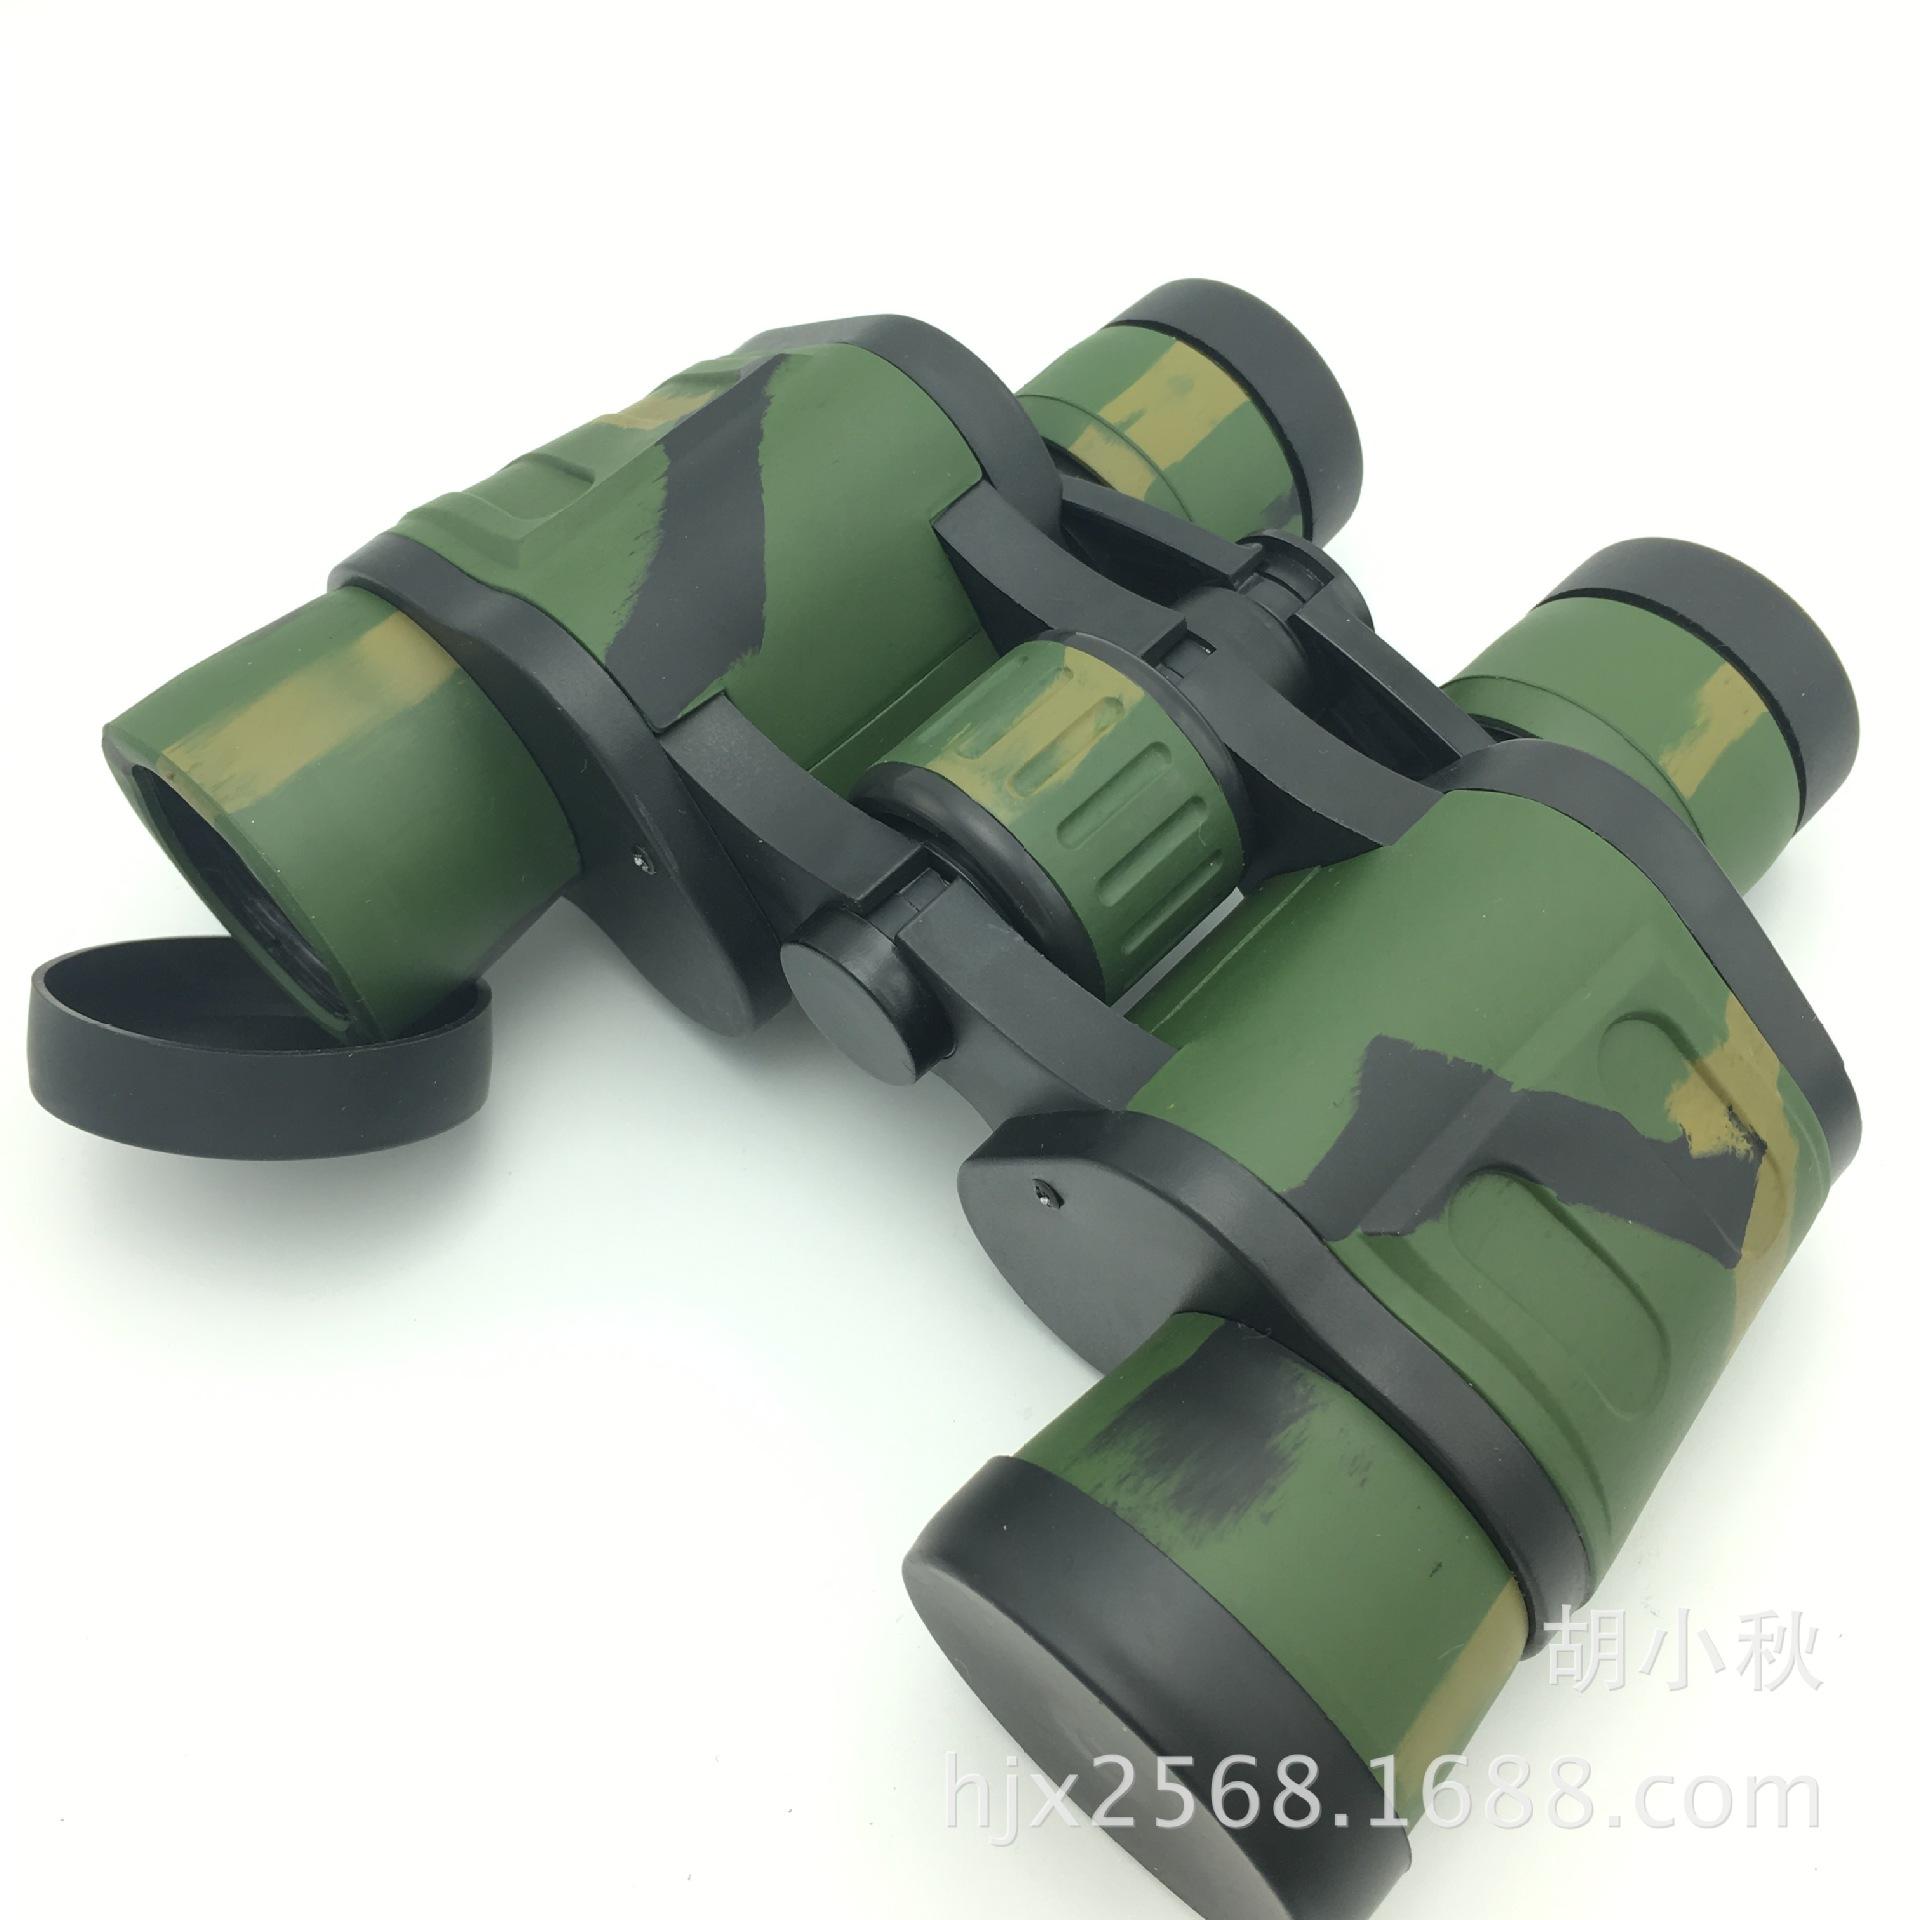 普通望远镜 双筒望远镜 调焦望远镜厂价双筒